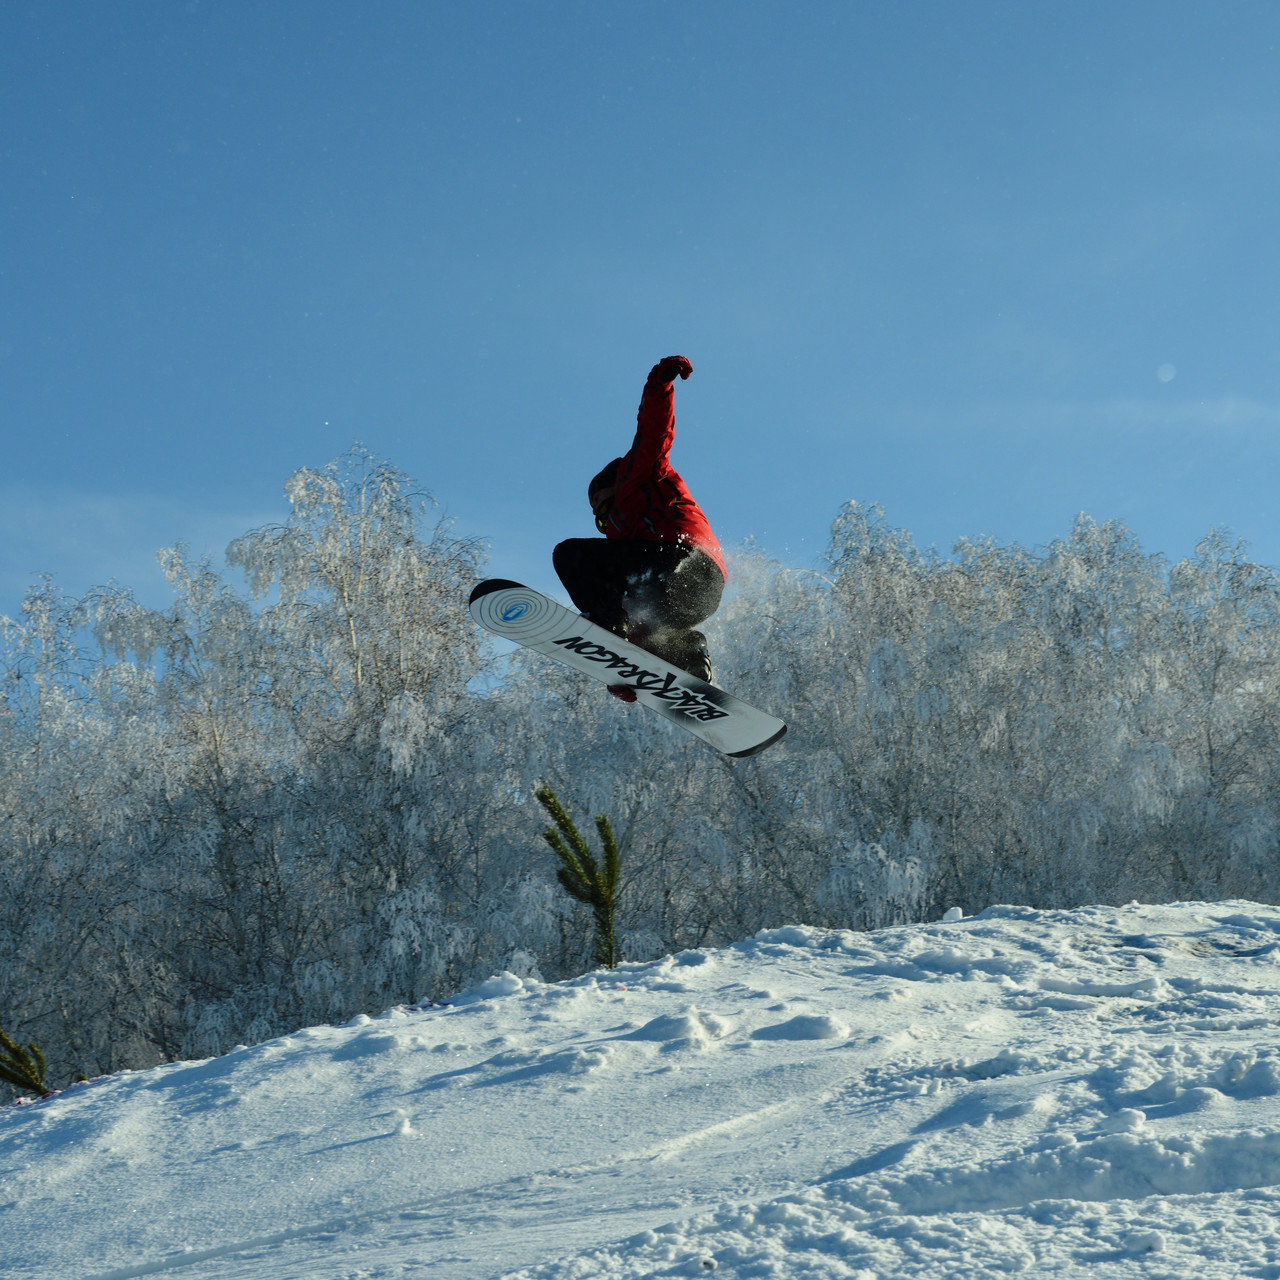 Прокат сноуборда на 1 час